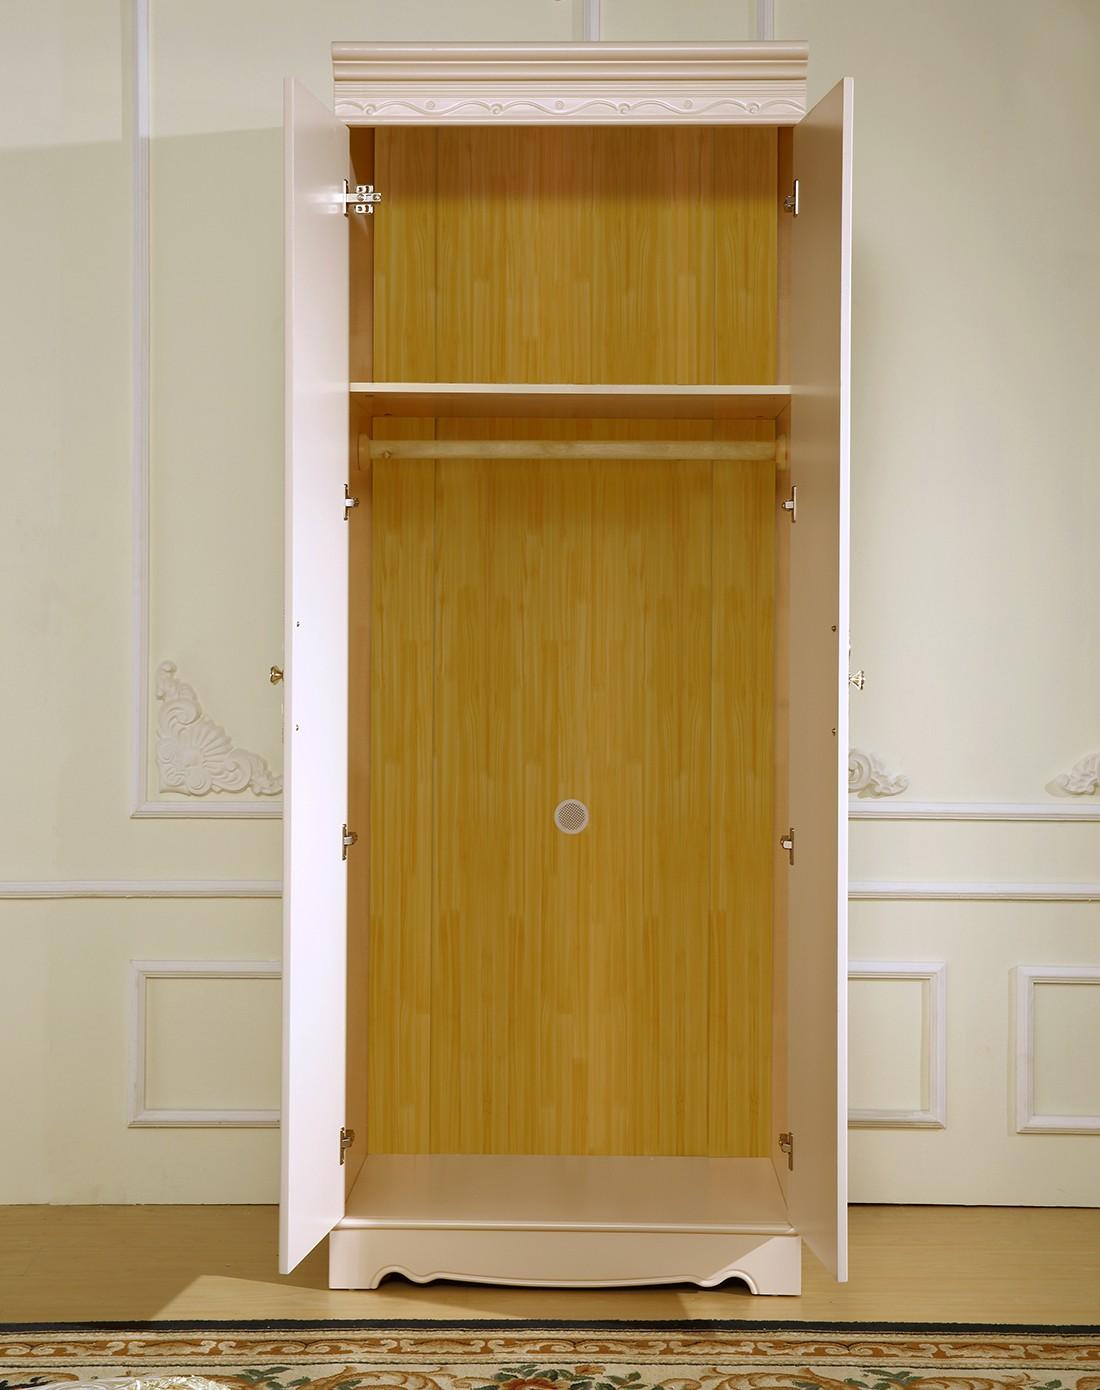 巨宝家具专场欧式风格实木橡木二门衣柜os-d902m2